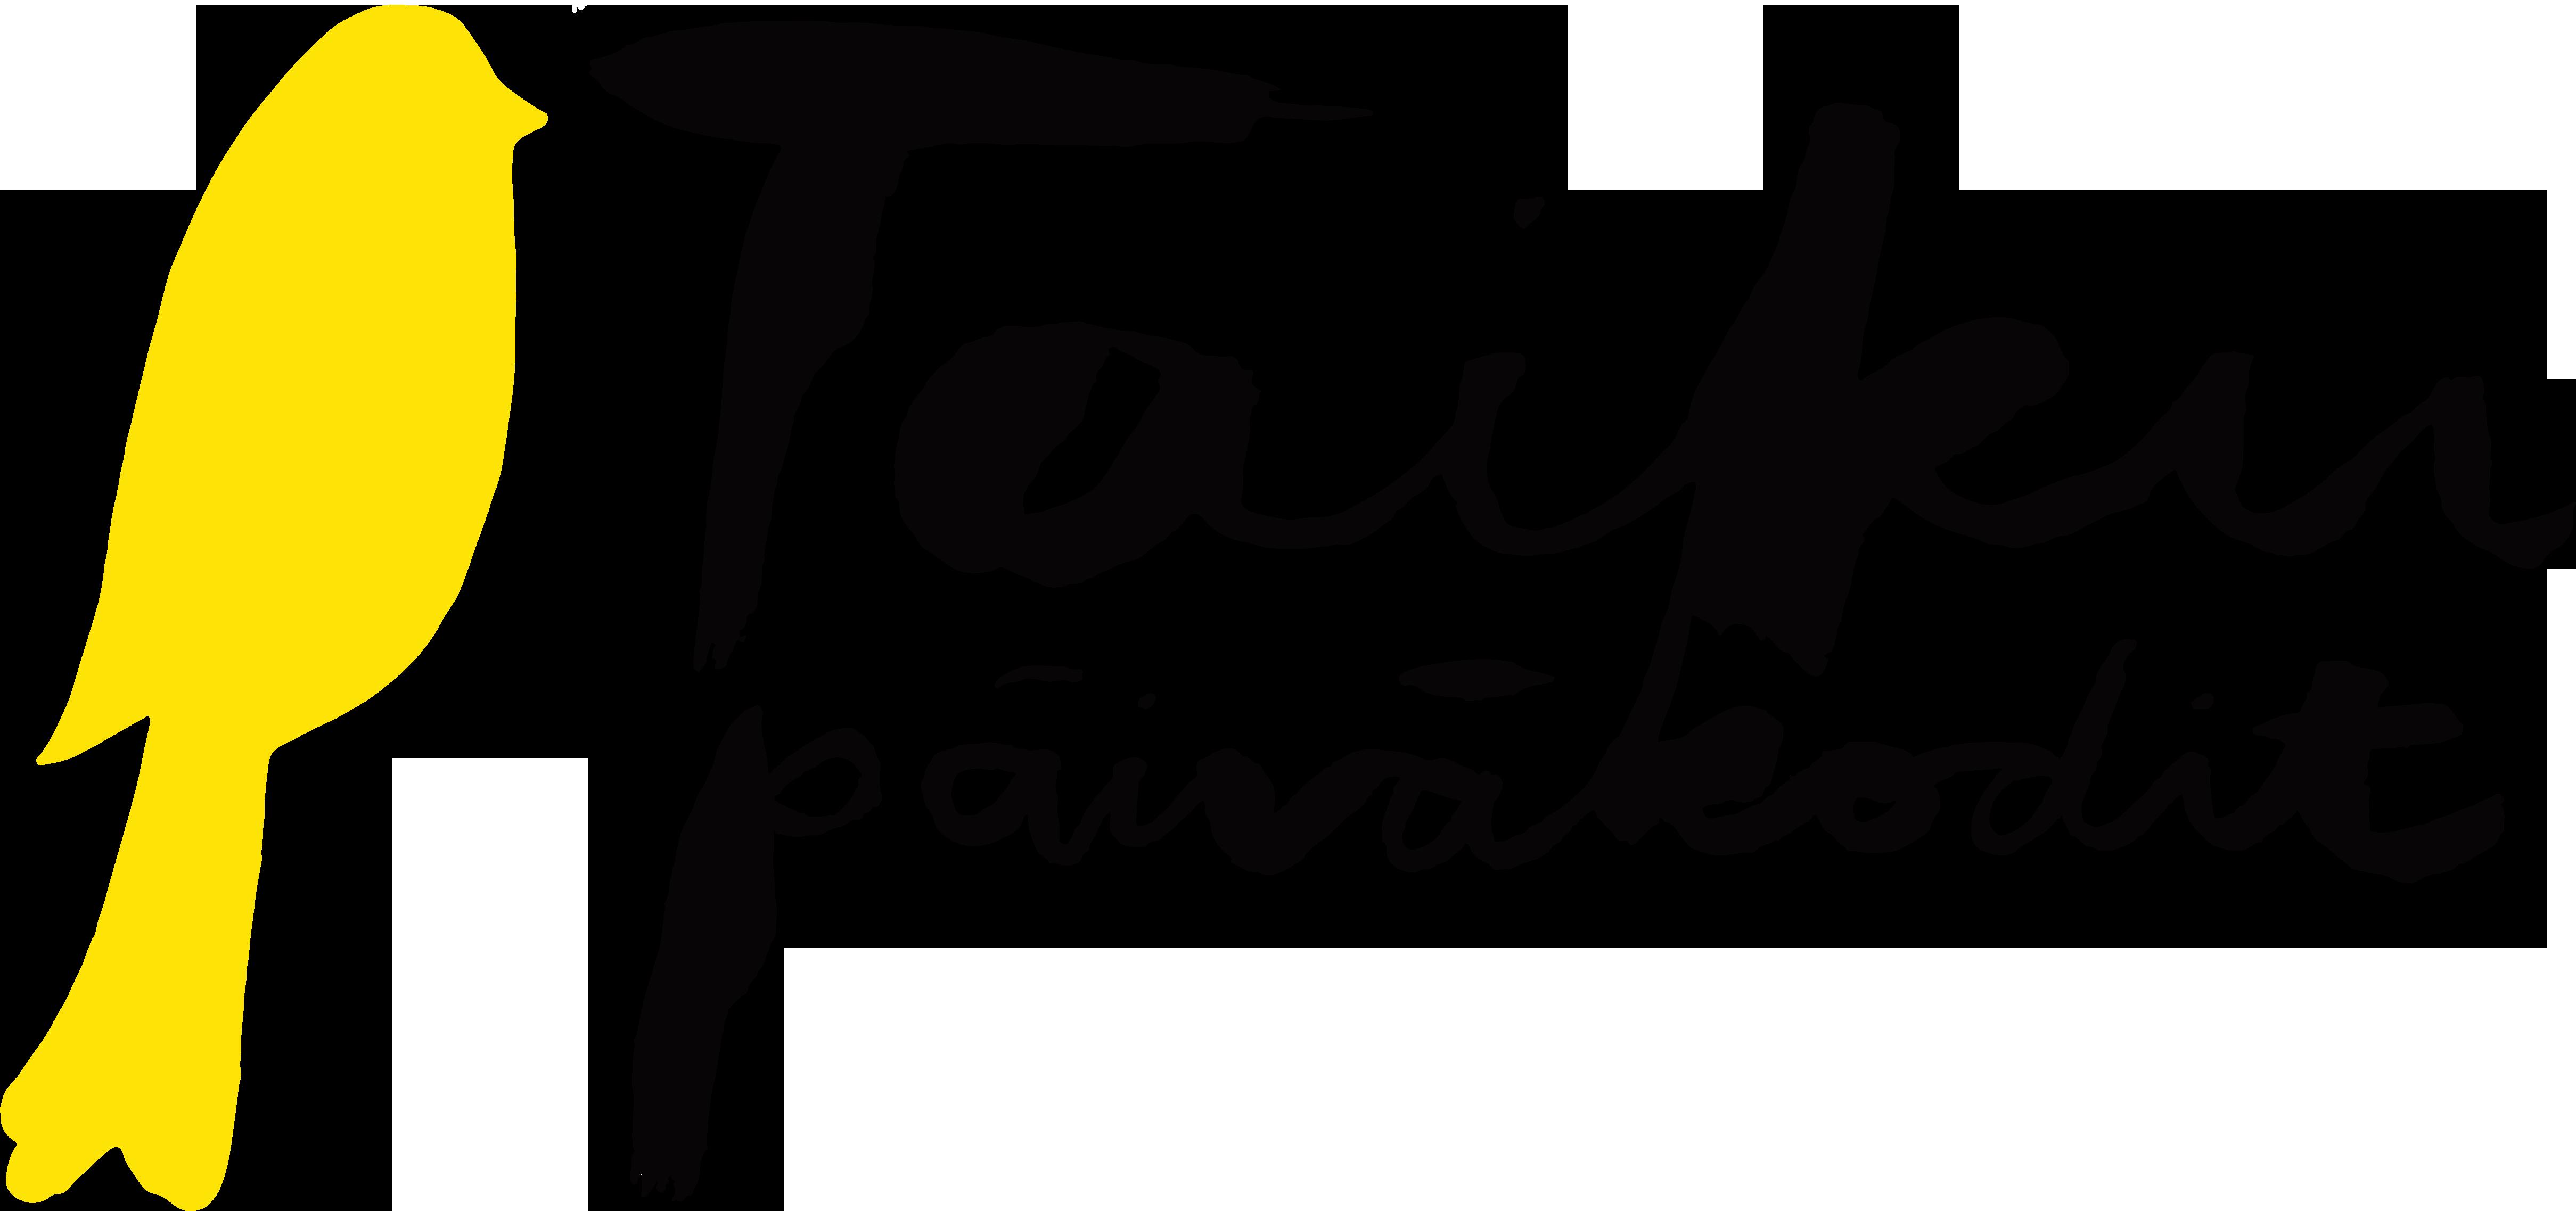 jyvaskylan-taide-ja-kulttuuripaivakoti-oy-paivakodinjohtaja-sdsuu-2827405 logo